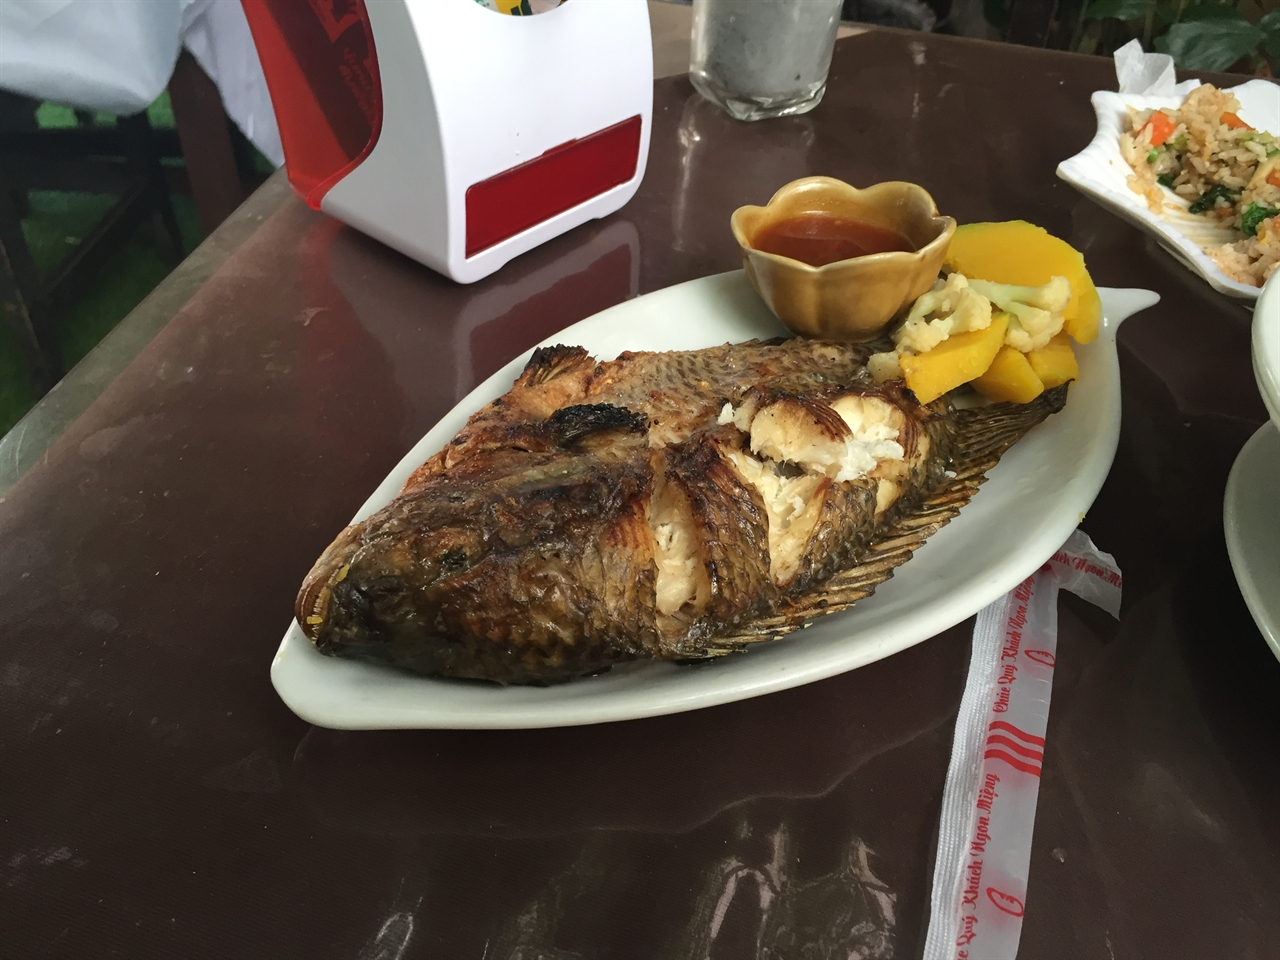 루앙프라방에서의 늦은 점심 무슨 물고기인진 모르겠다. 맛은 좋다.